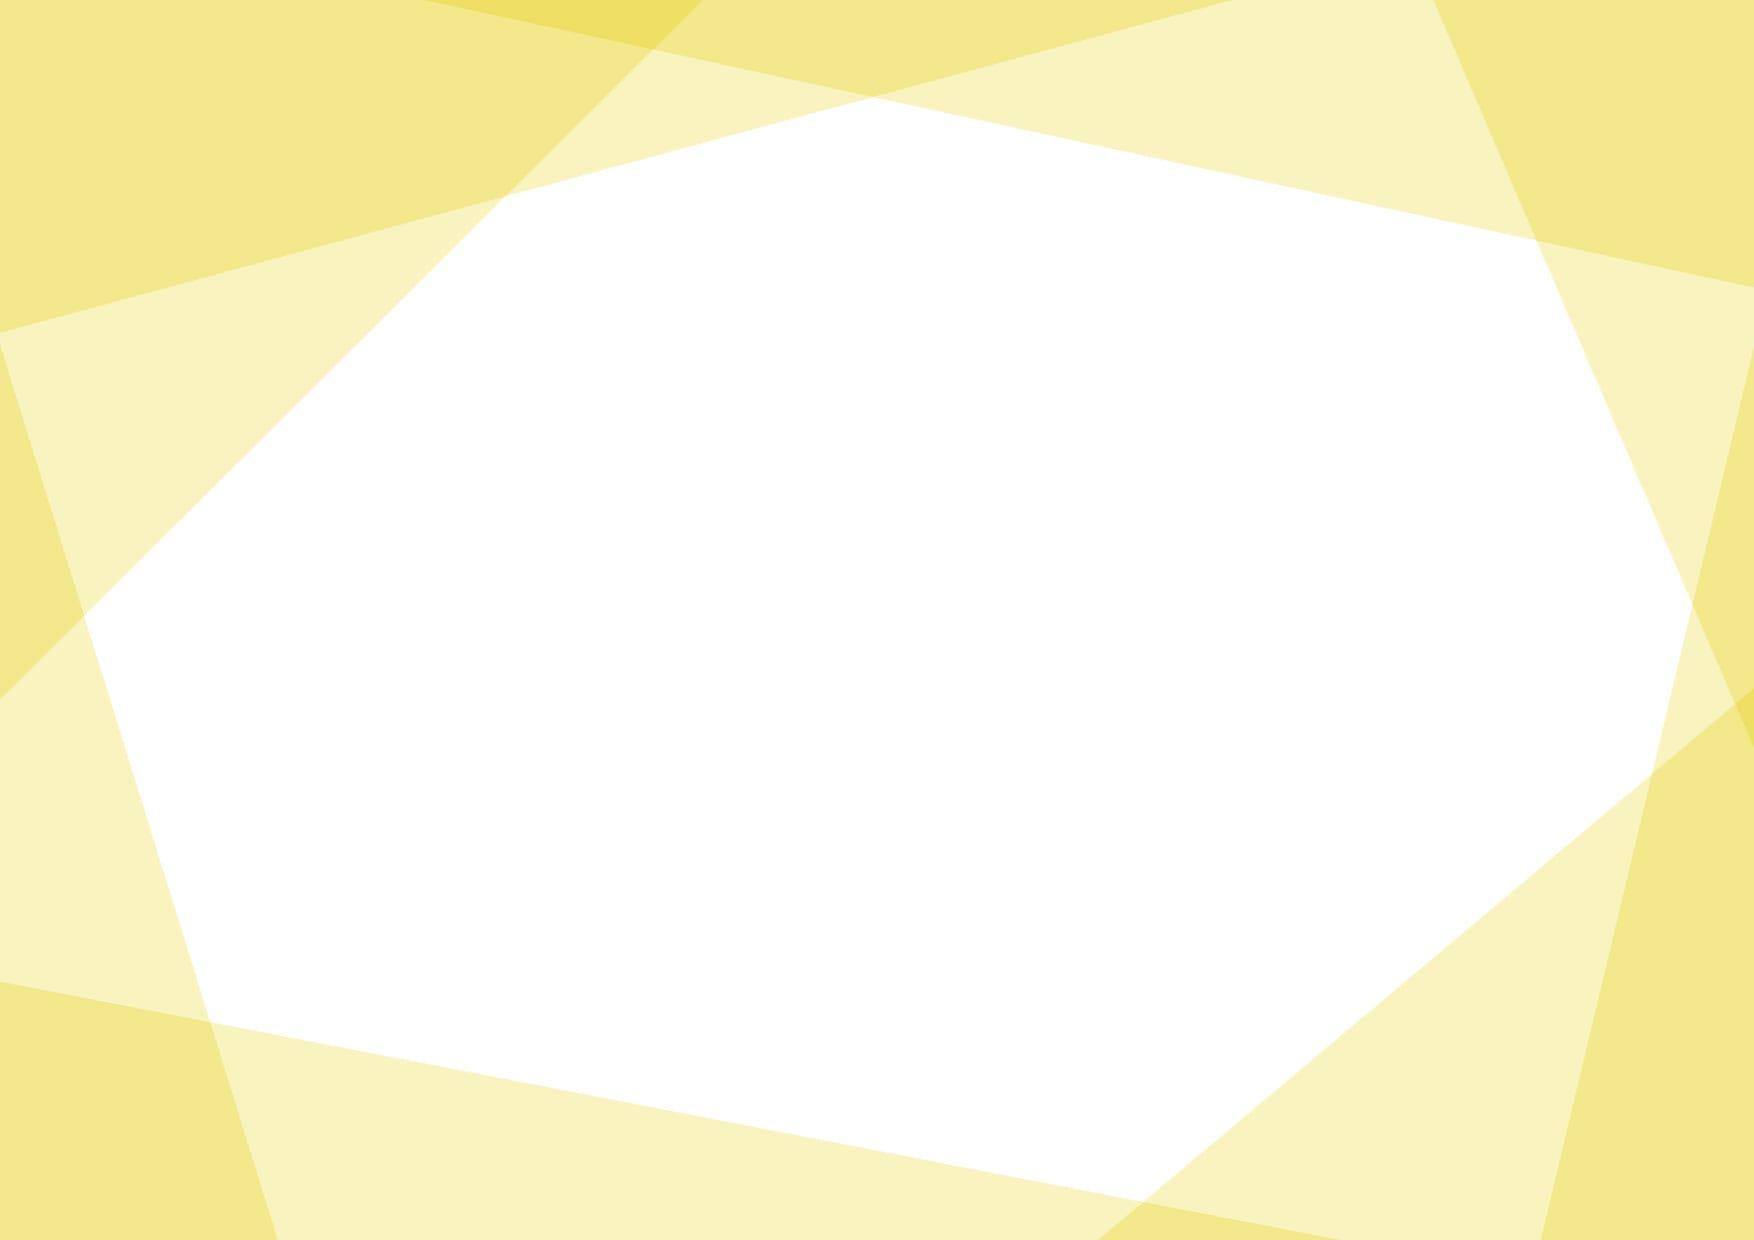 背景 シンプル フレーム 黄色 イラスト 無料